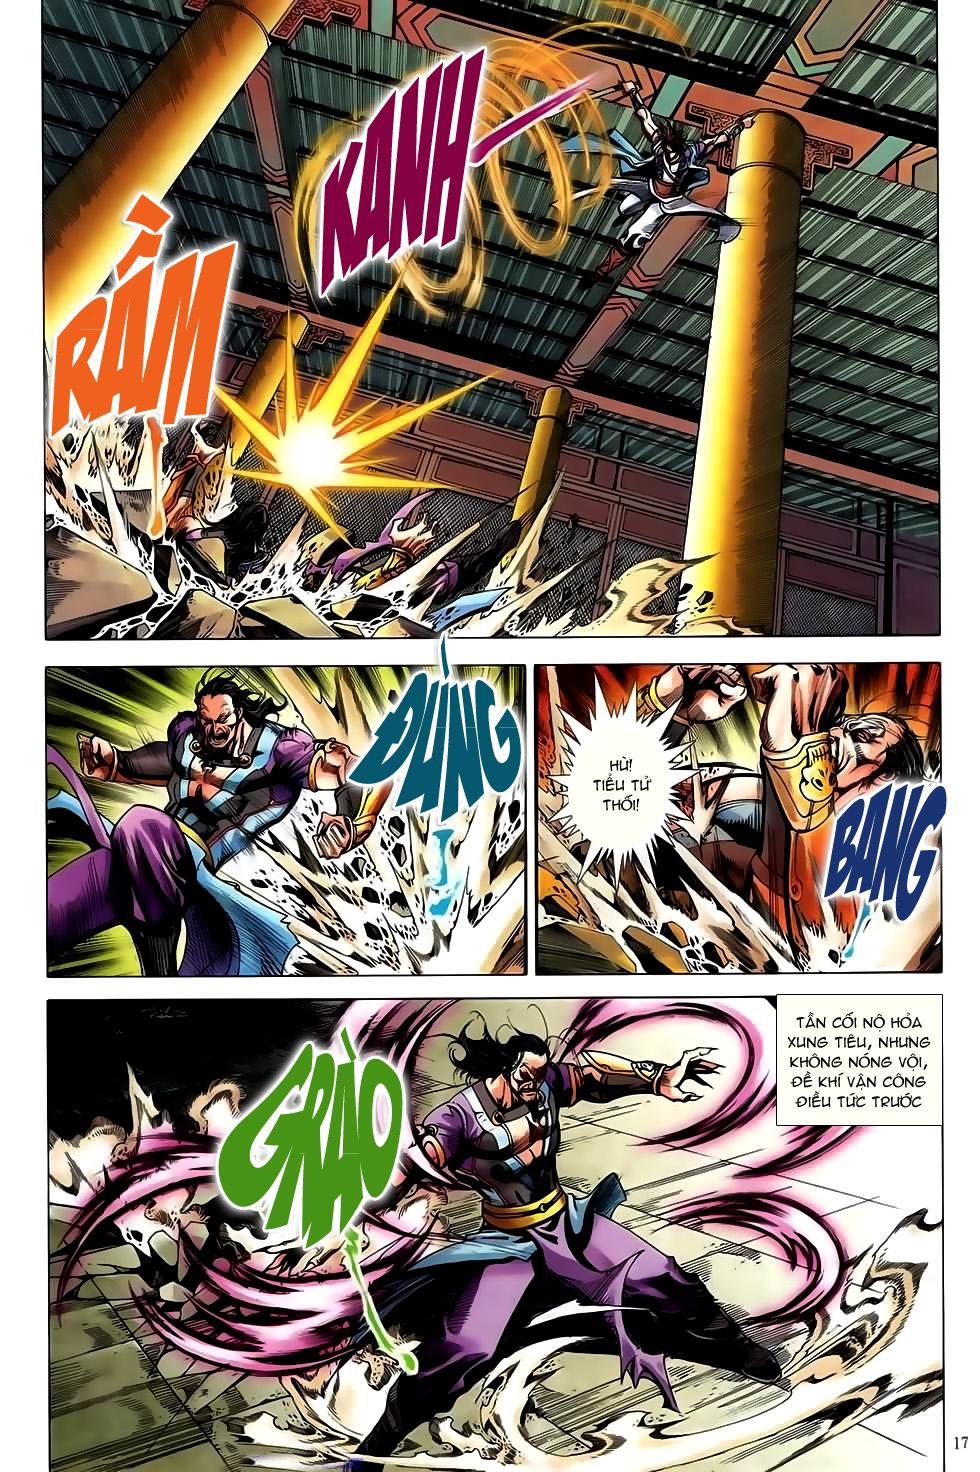 Đại Hiệp Truyền Kỳ (Thần Châu Hậu Truyện) chap 50 - Trang 16